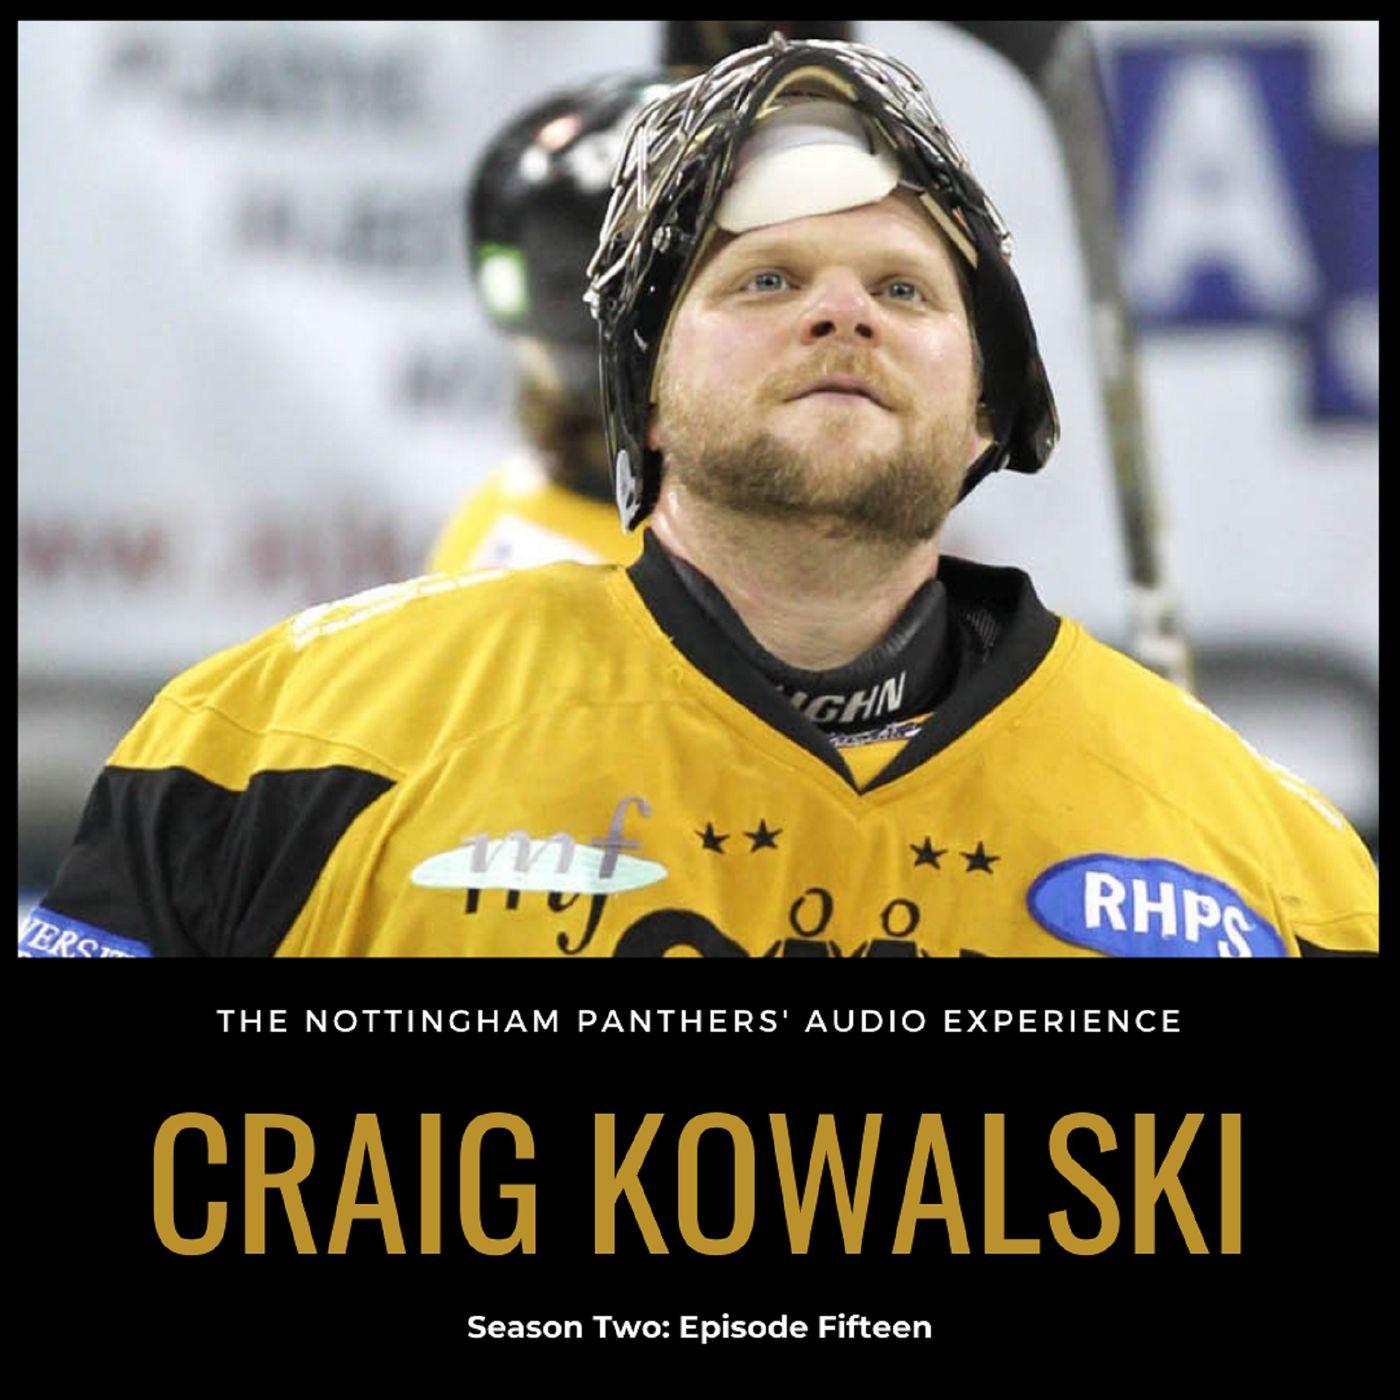 Craig Kowalski   Season Two: Episode Fifteen